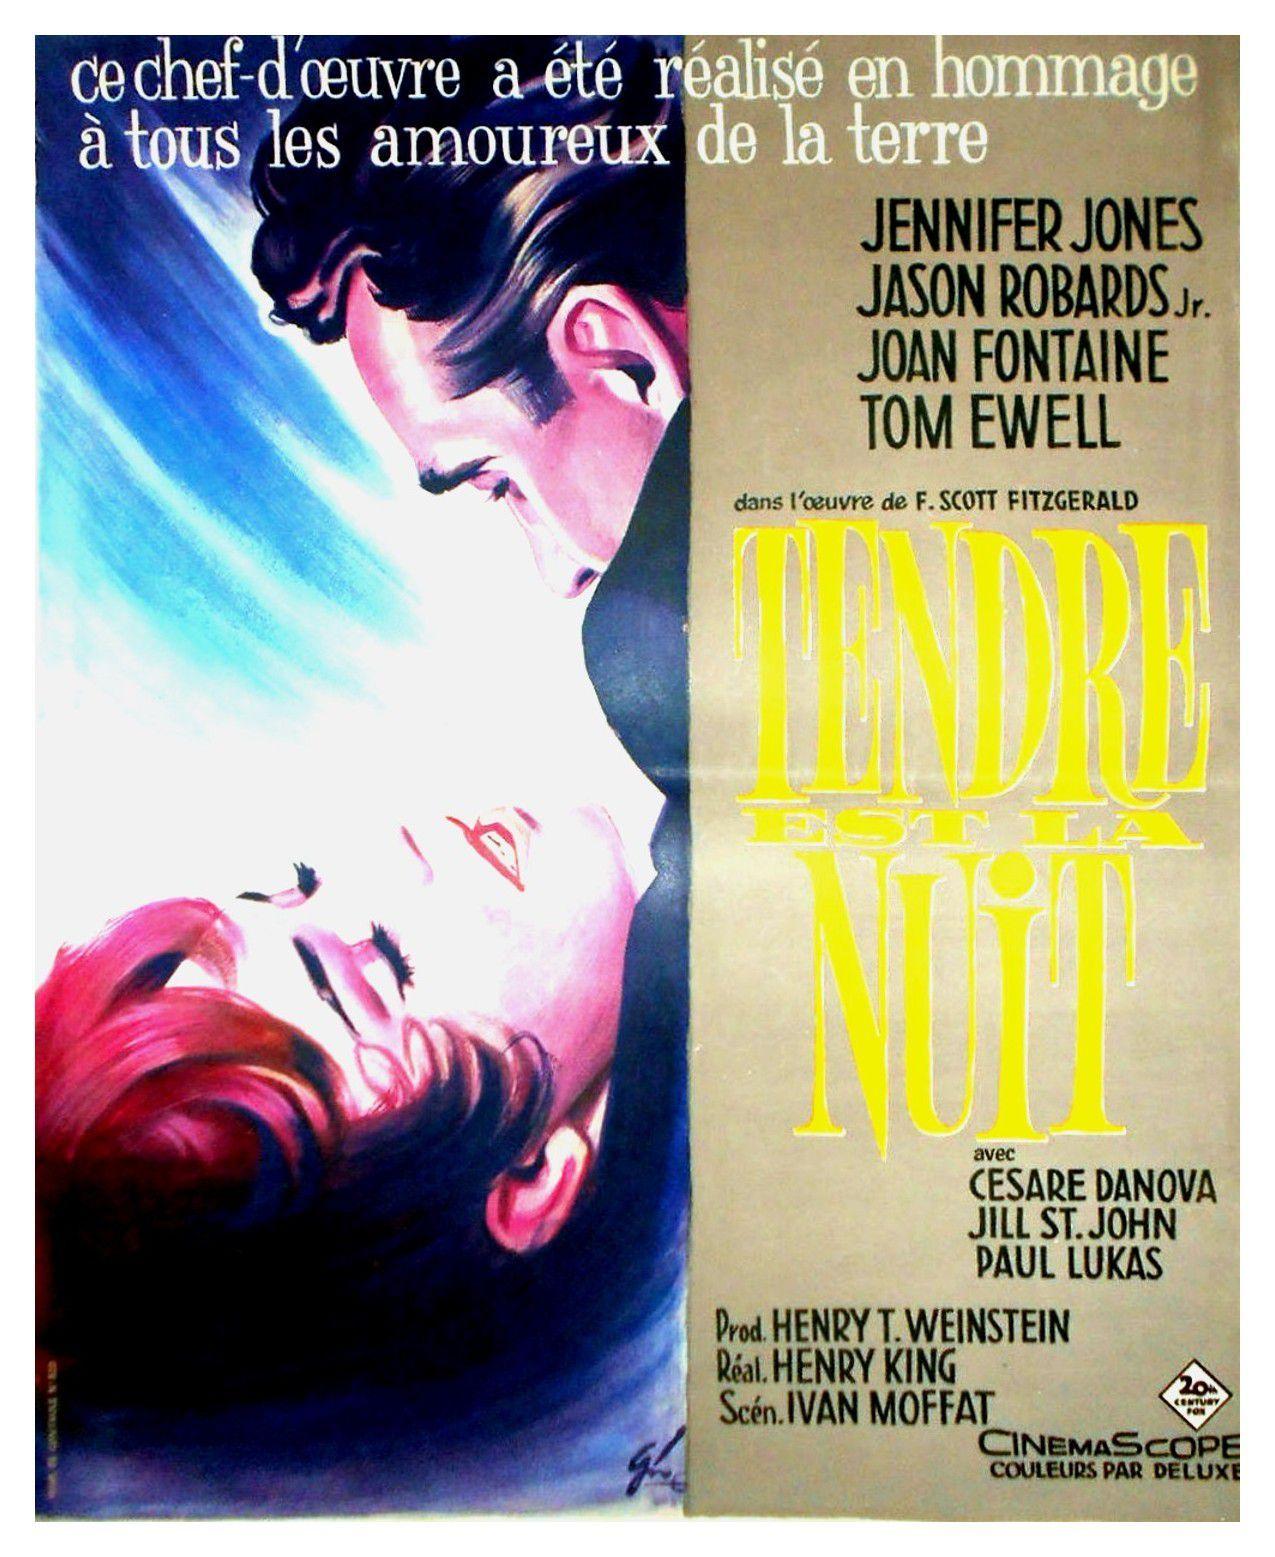 Tendre Est La Nuit Film : tendre, Affiches,, Posters, Images, Tendre, (1962)